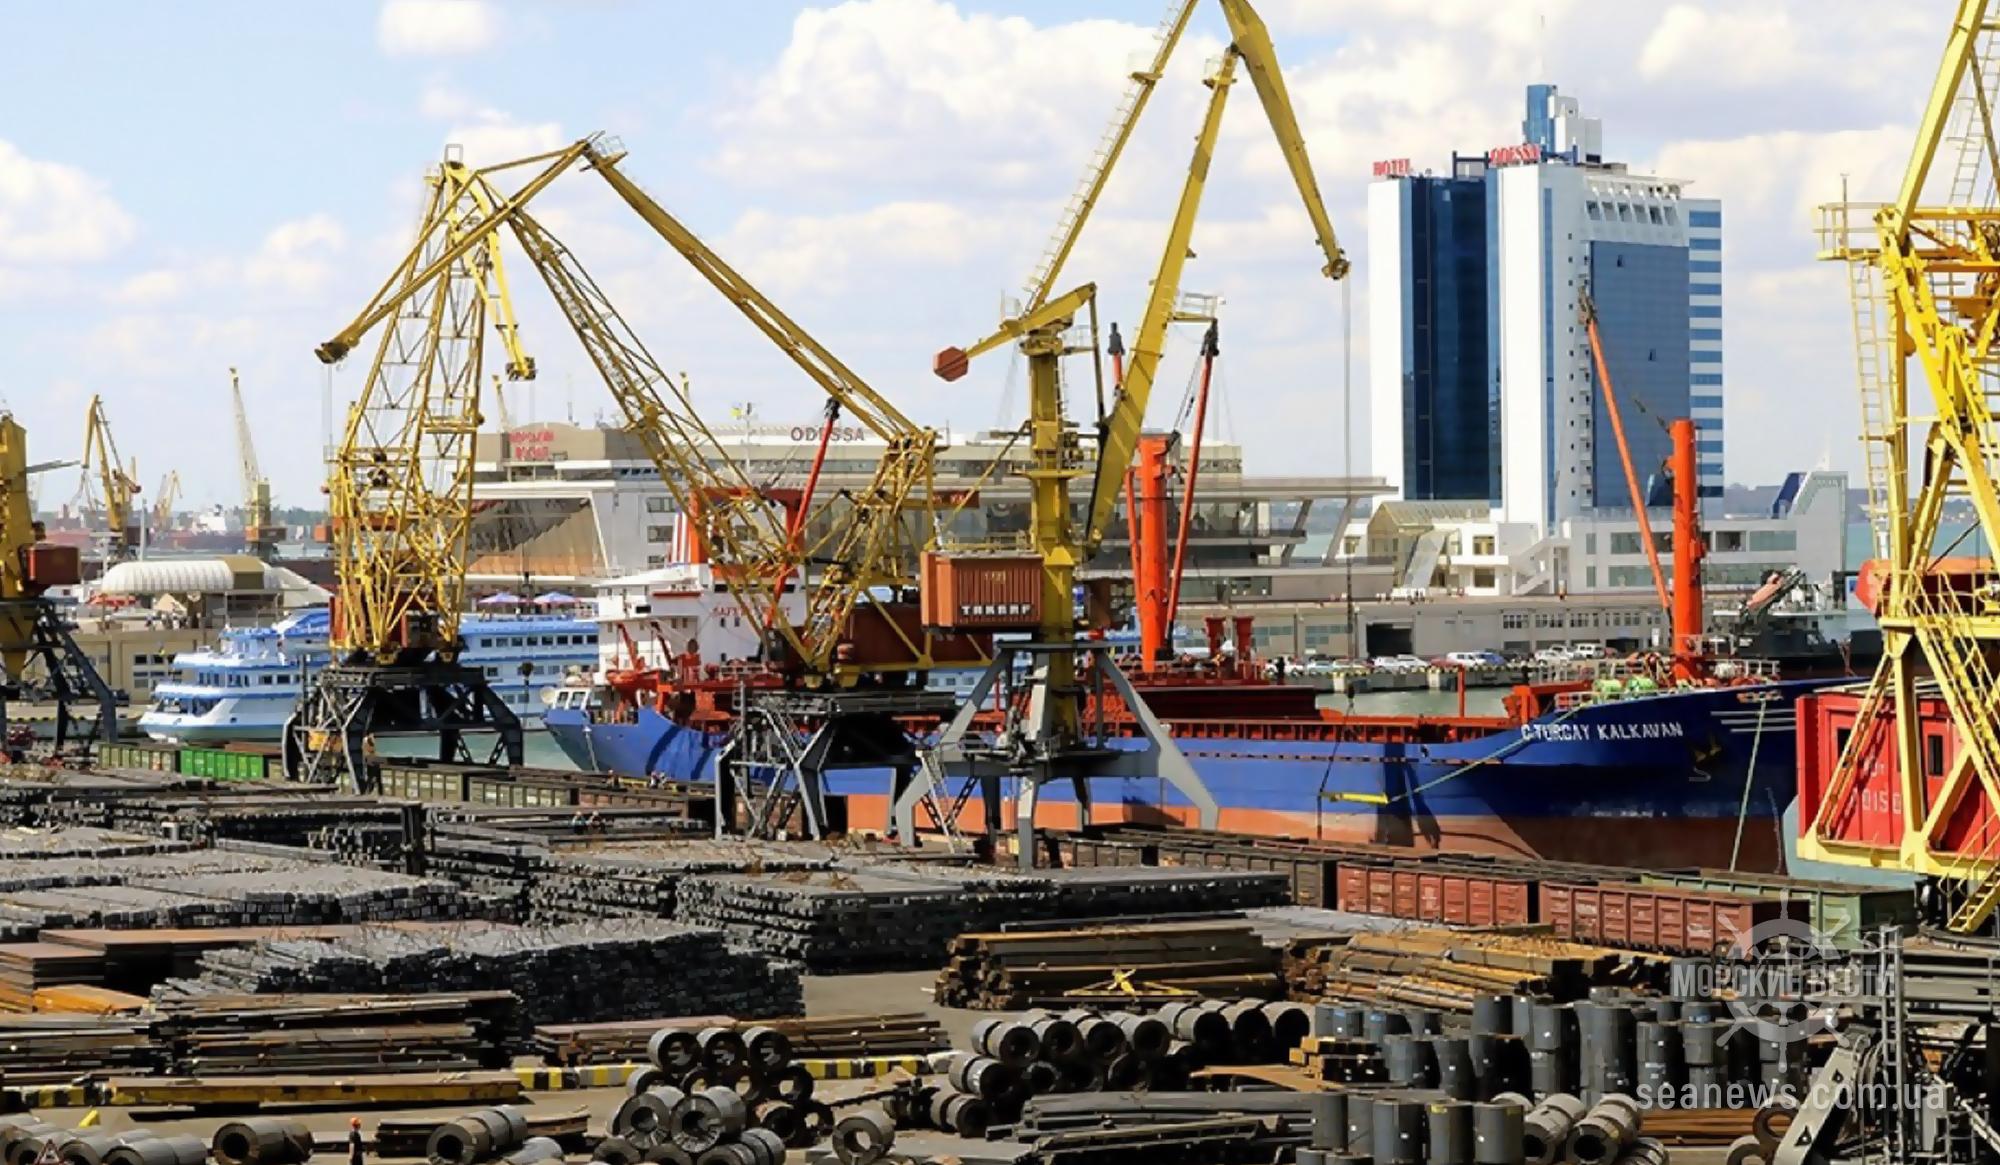 В Одессе на территории морского порта горела плавающая понтонная мастерская